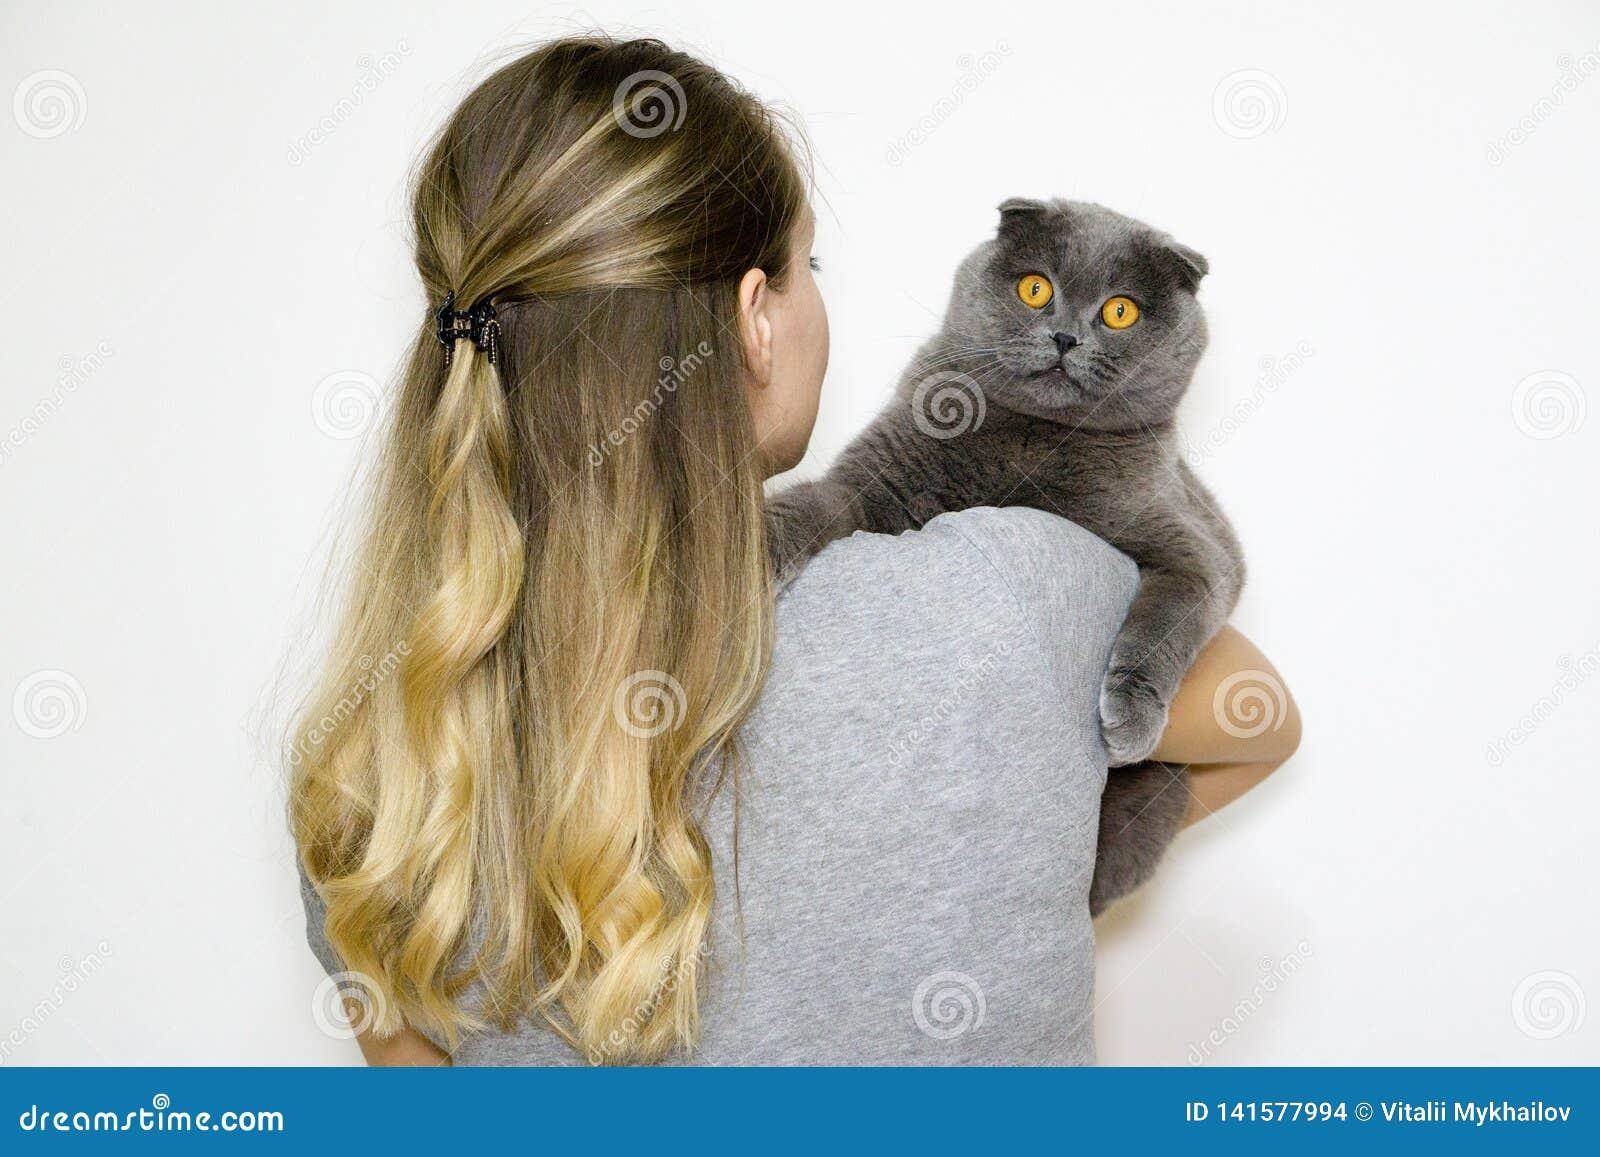 Das Modell ist zurück zu der Kamera und hält die Katze in seinen Armen rechts